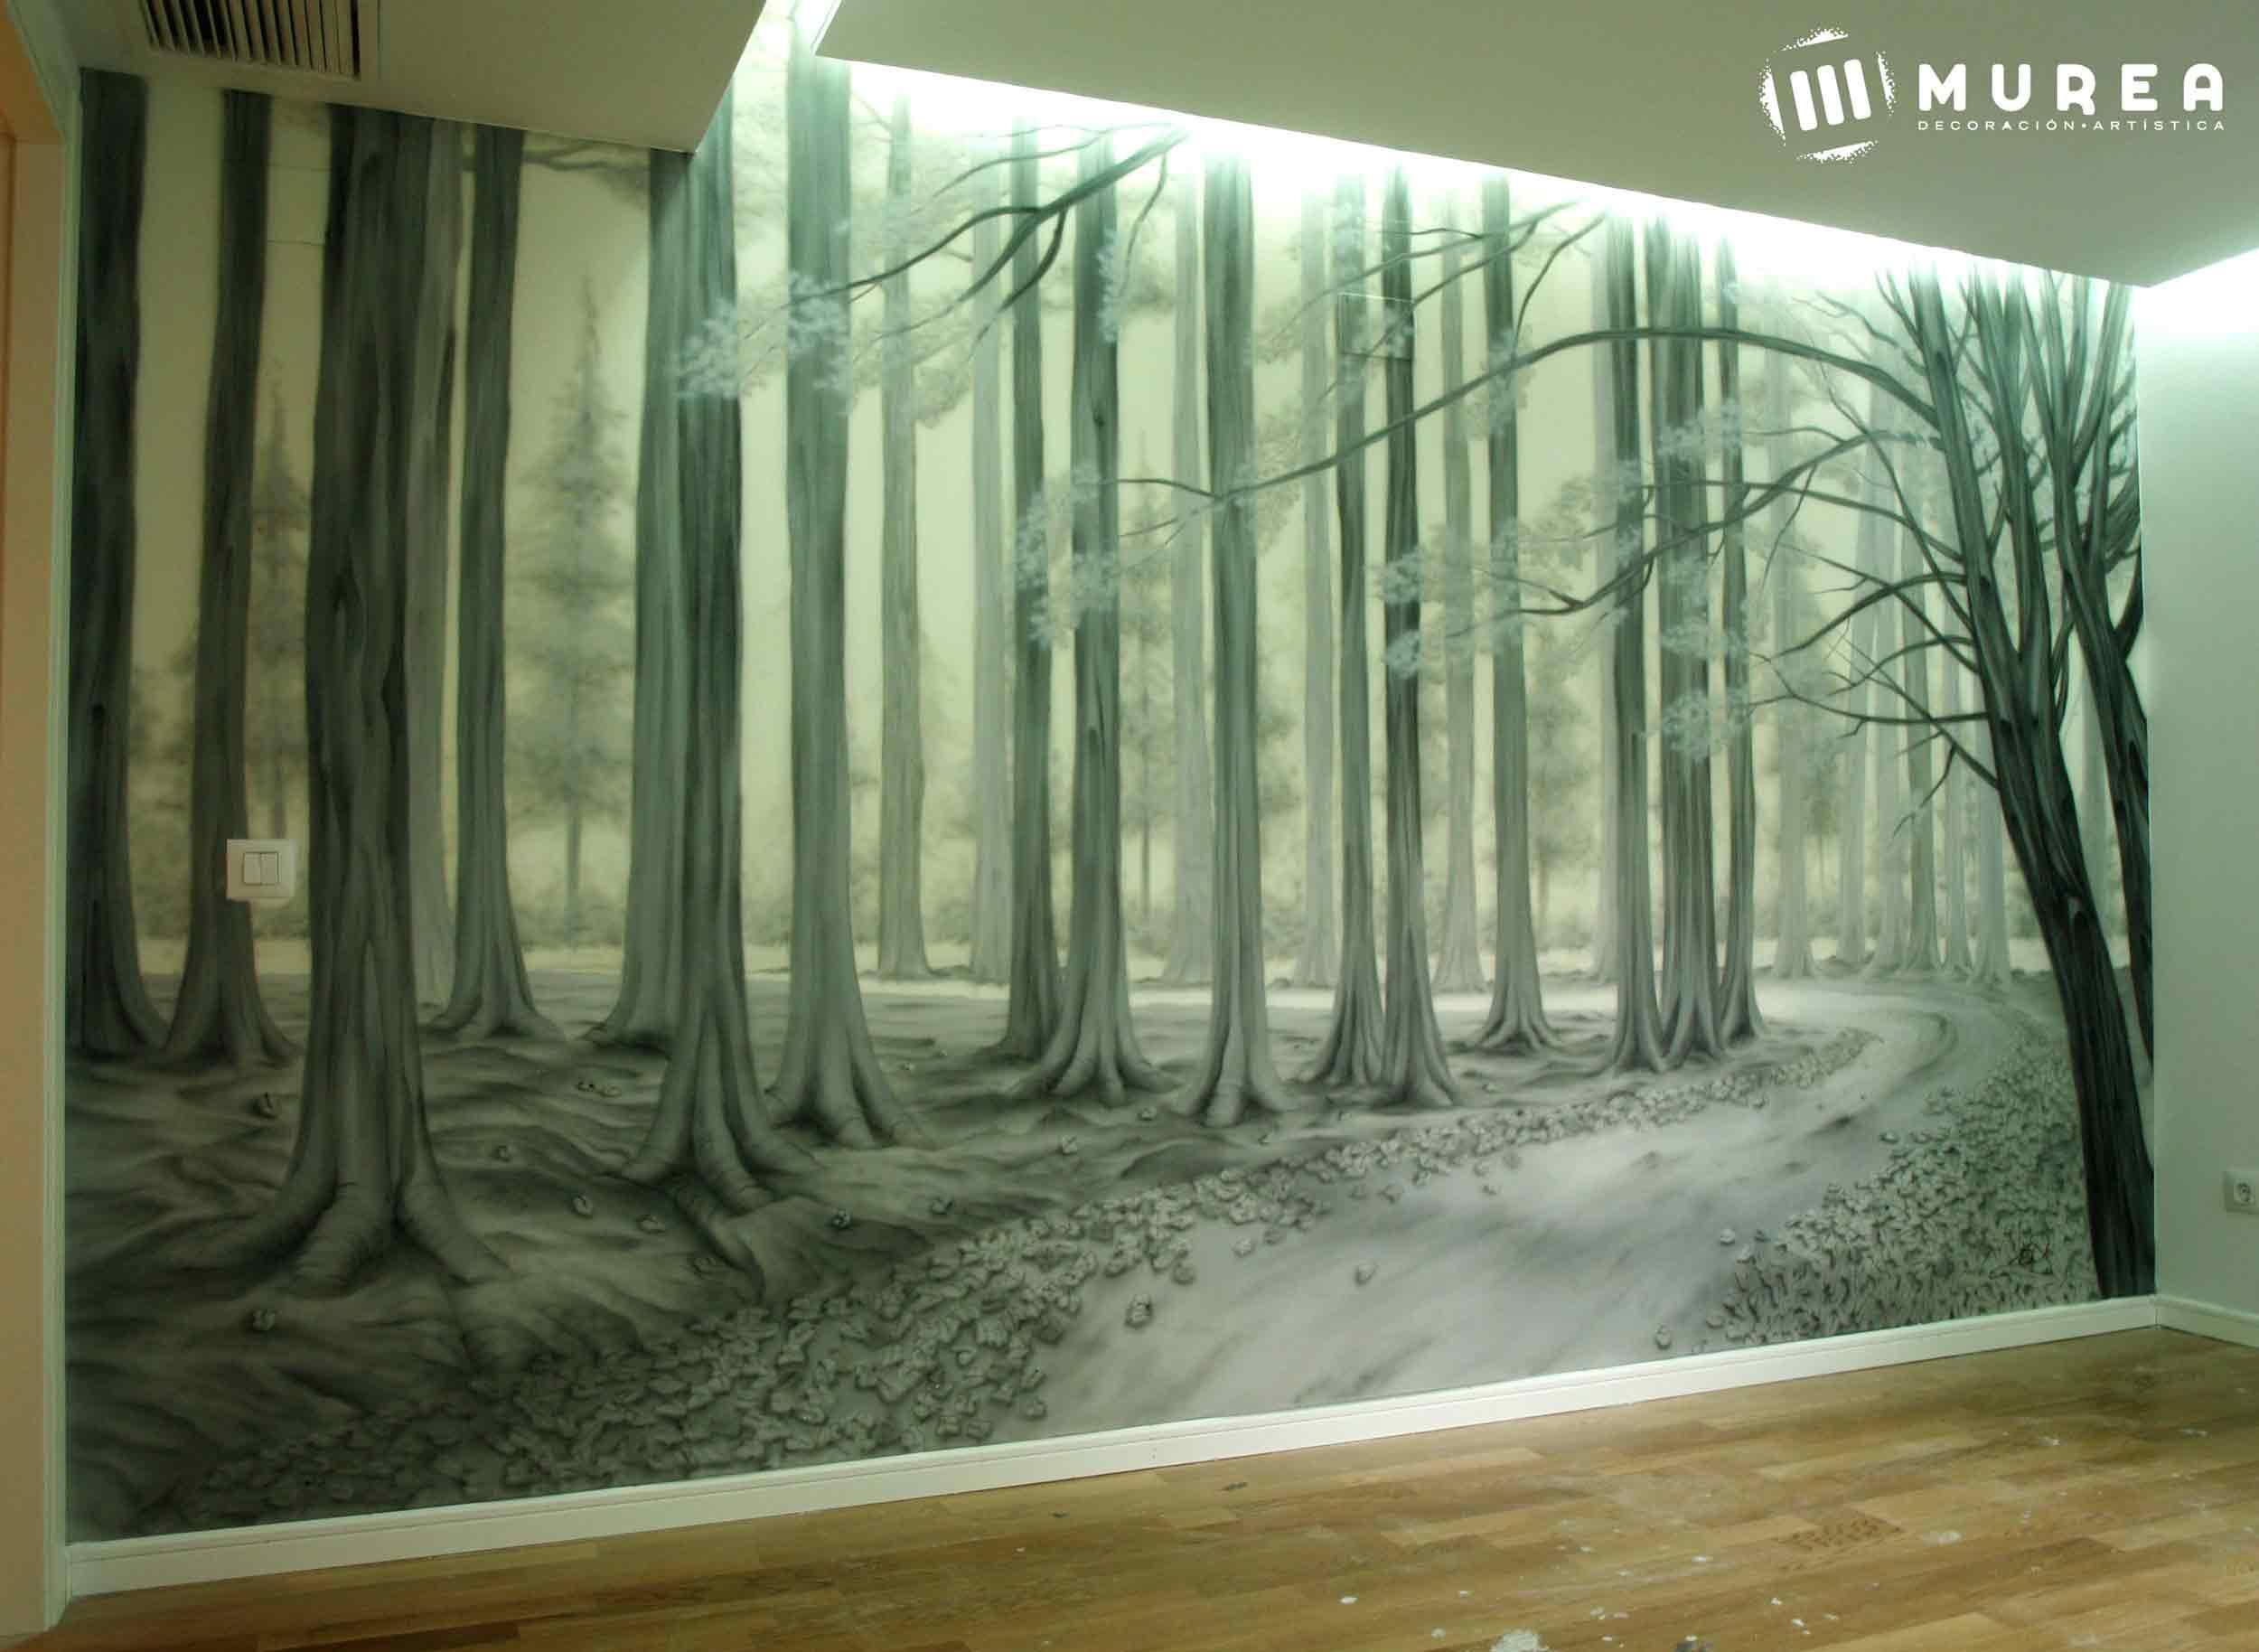 Murales decorativos y exteriores pintados a mano - Cuadros murales para pared ...